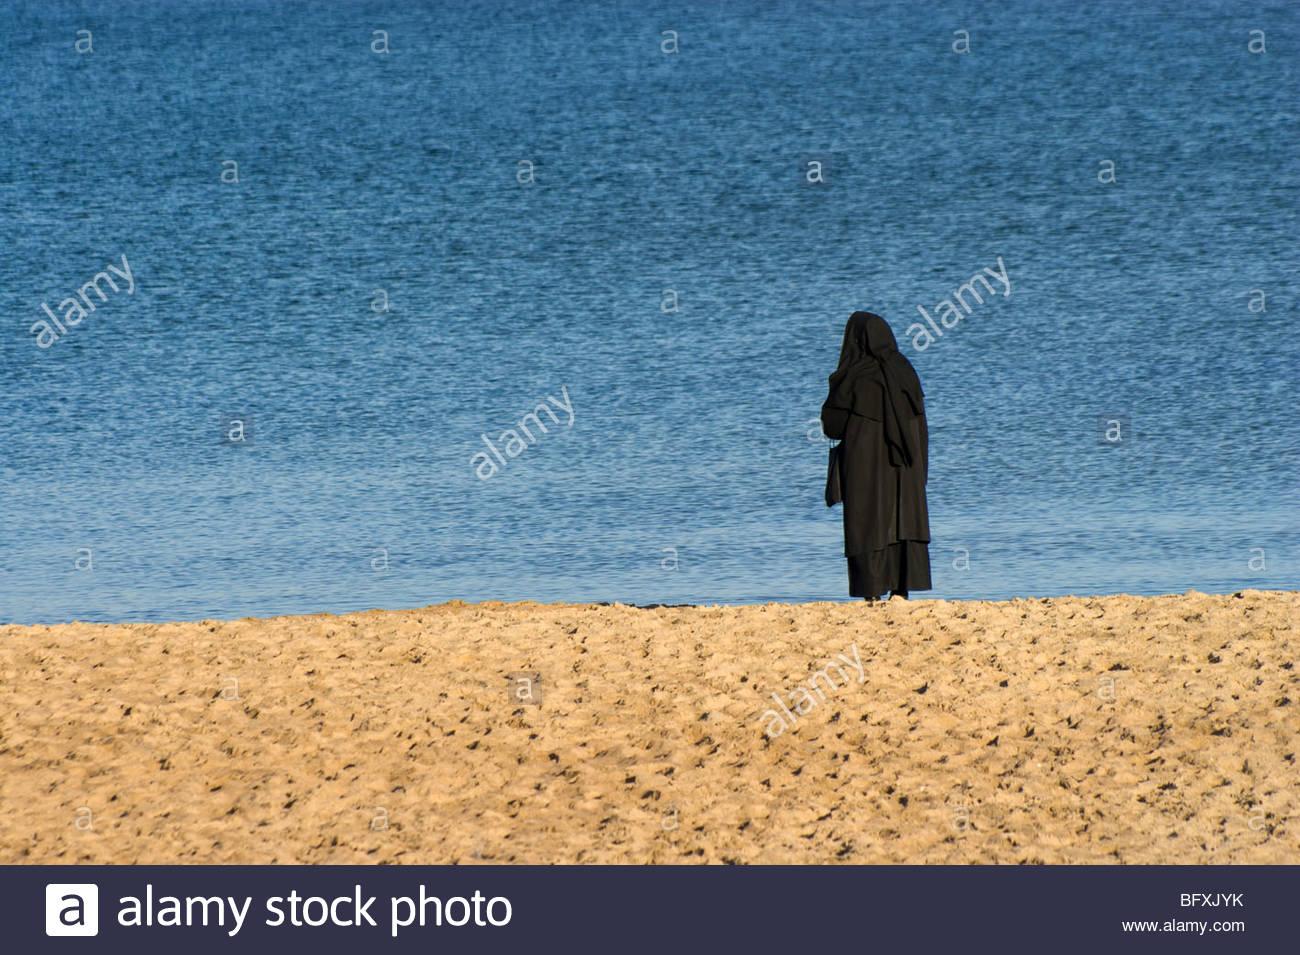 live in solitude - alone nun, sea and beach - Stock Image